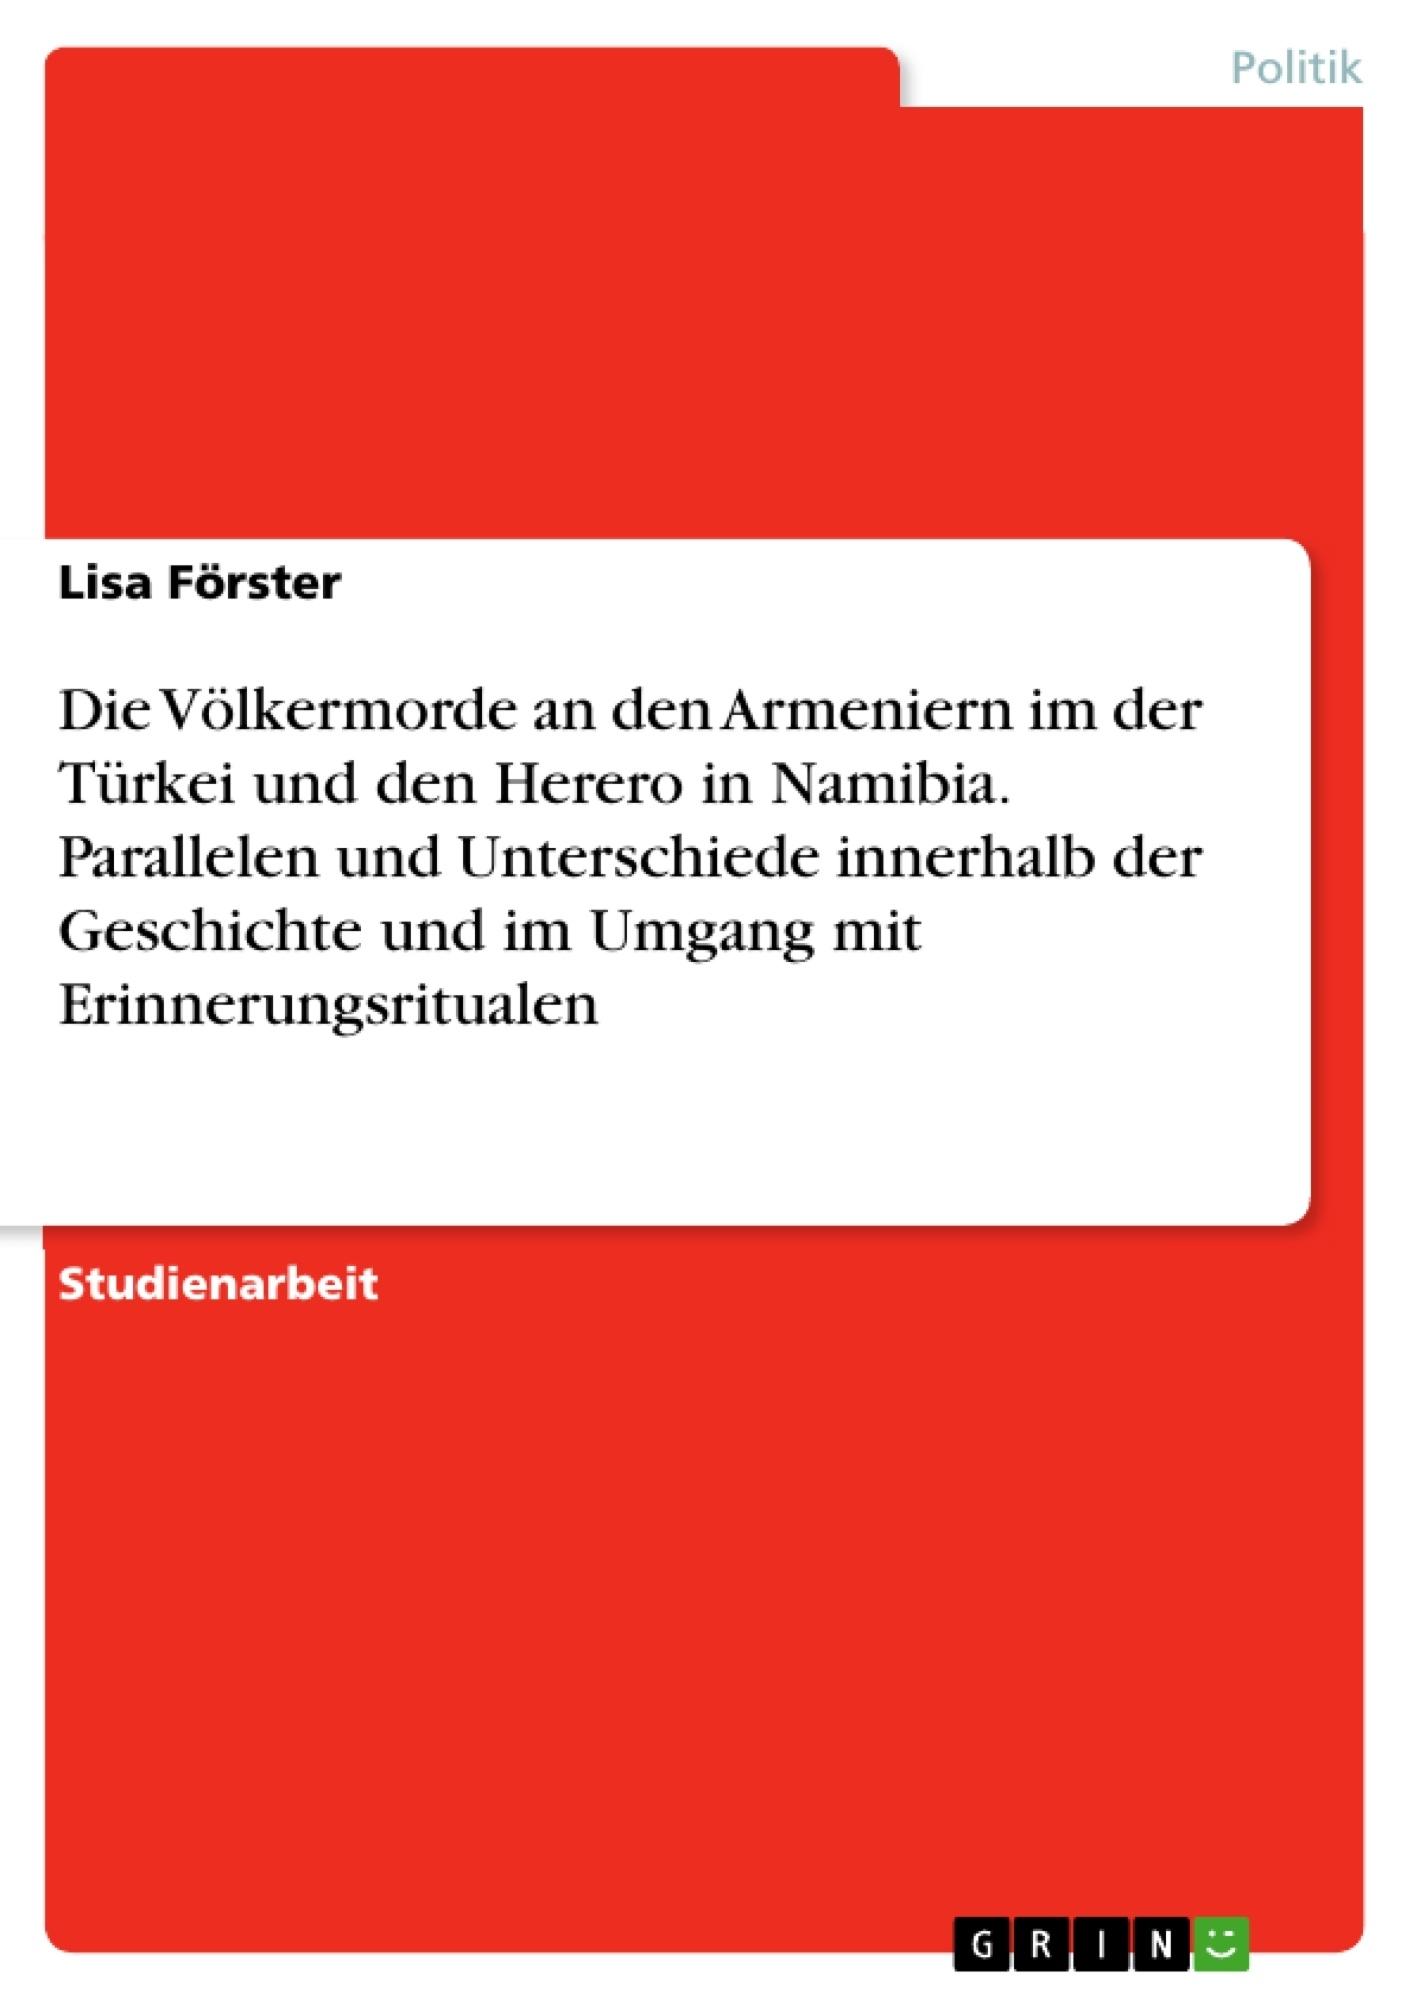 Titel: Die Völkermorde an den Armeniern im der Türkei und den Herero in Namibia. Parallelen und Unterschiede innerhalb der Geschichte und im Umgang mit Erinnerungsritualen